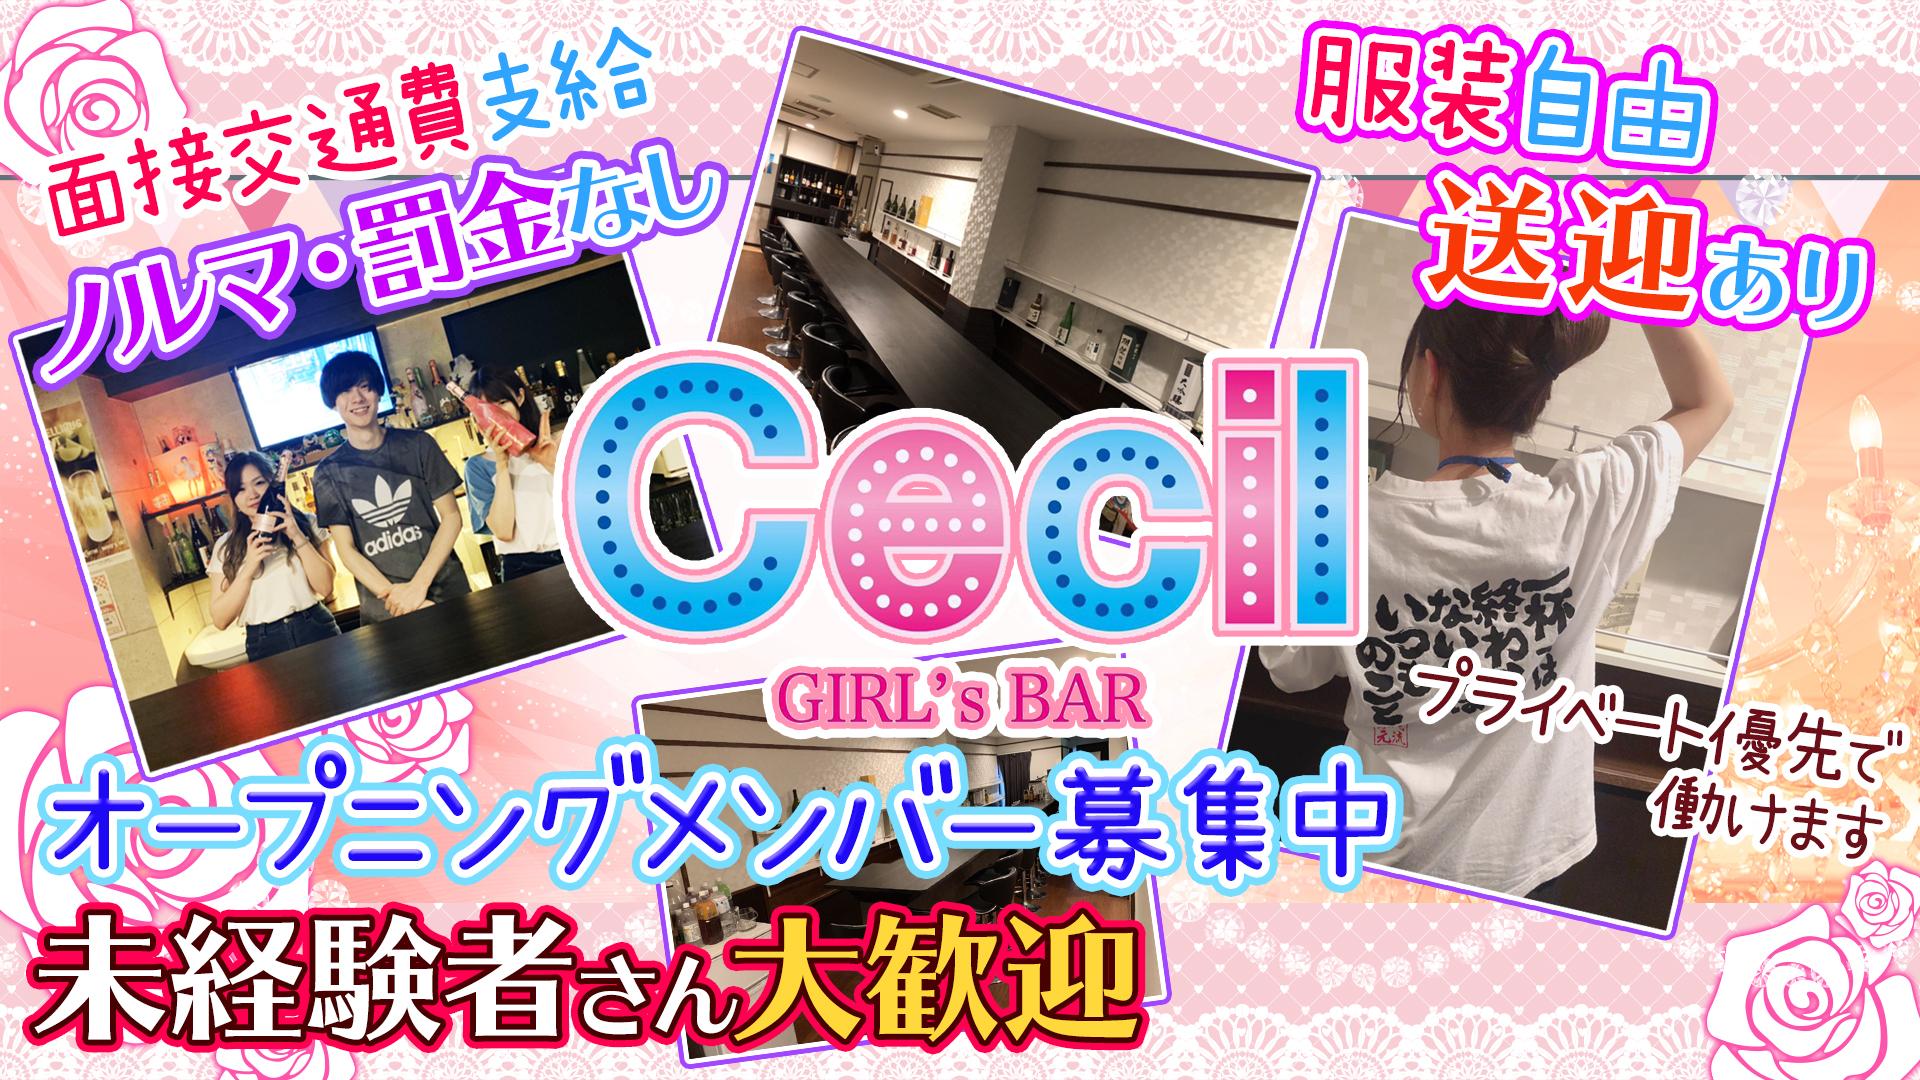 Girls Bar CECIL<セシル> 錦糸町 ガールズバー TOP画像